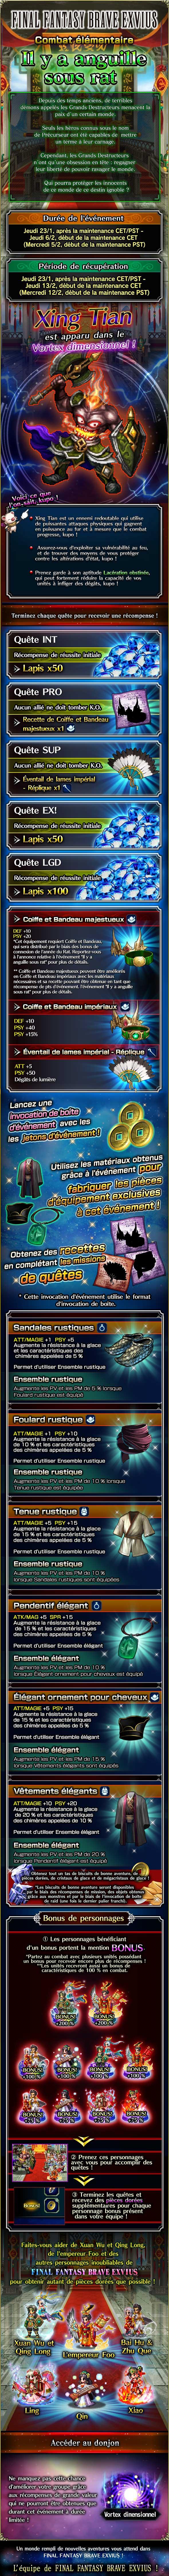 Evenement FFBE (Combat Elementaire) - Il y a anguille sous rat - du 23/01 au 05/02/20 20200122ISmellARat